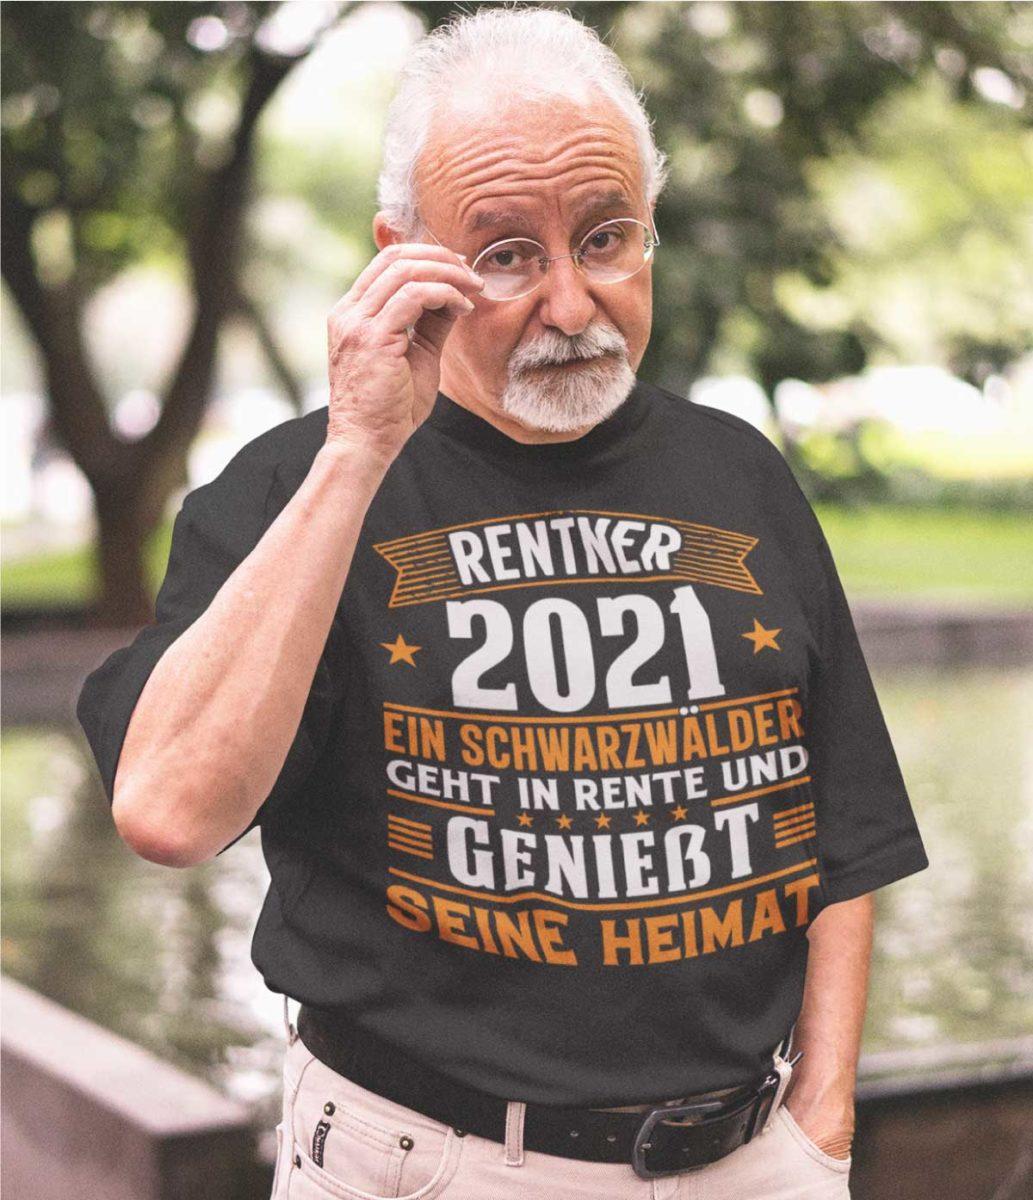 Ein-Schwarzwälder-geht-in-Rente-2021